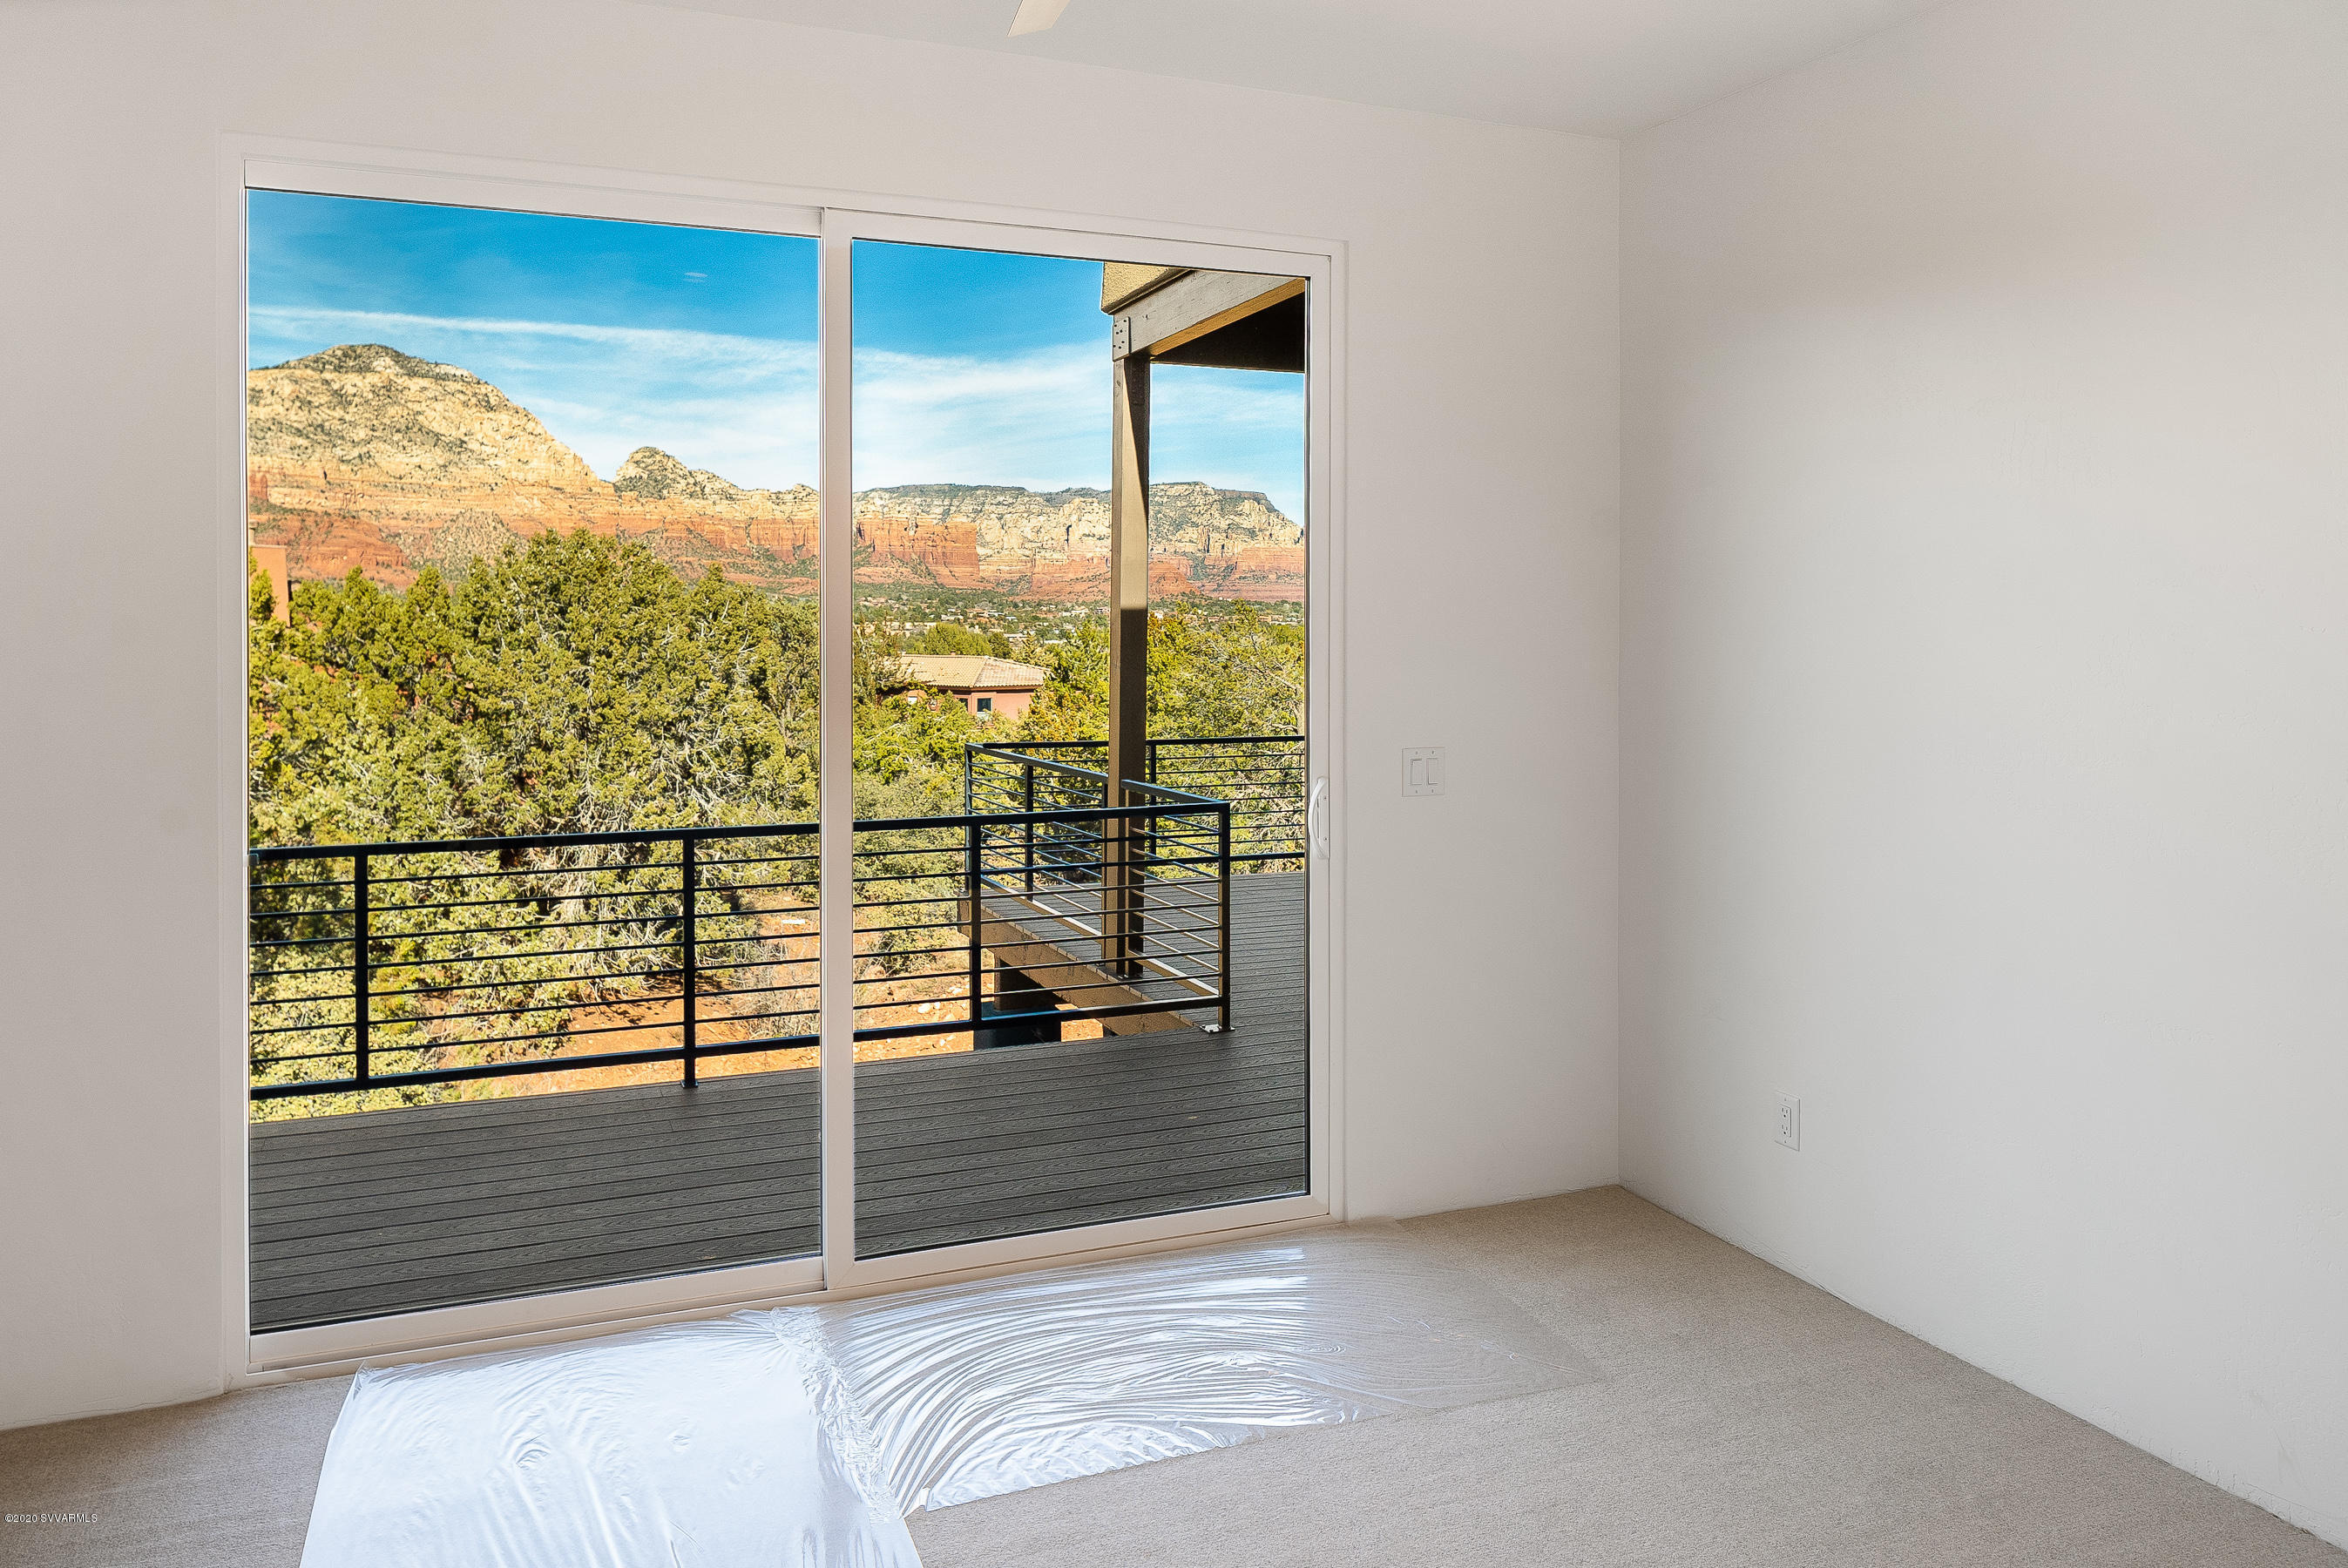 130 Foothills Drive Sedona, AZ 86336